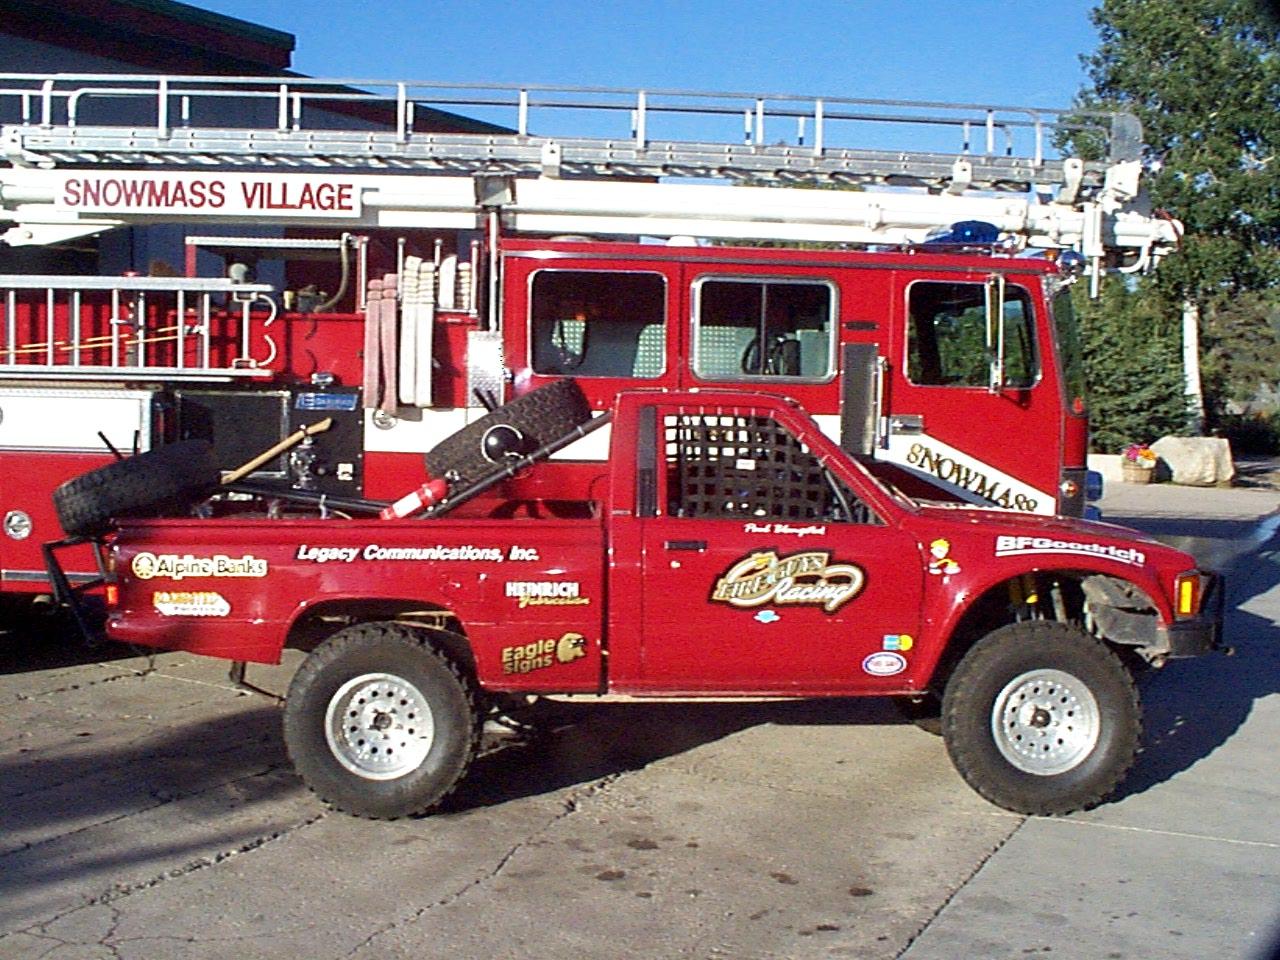 86337-FireGuysStart.jpg